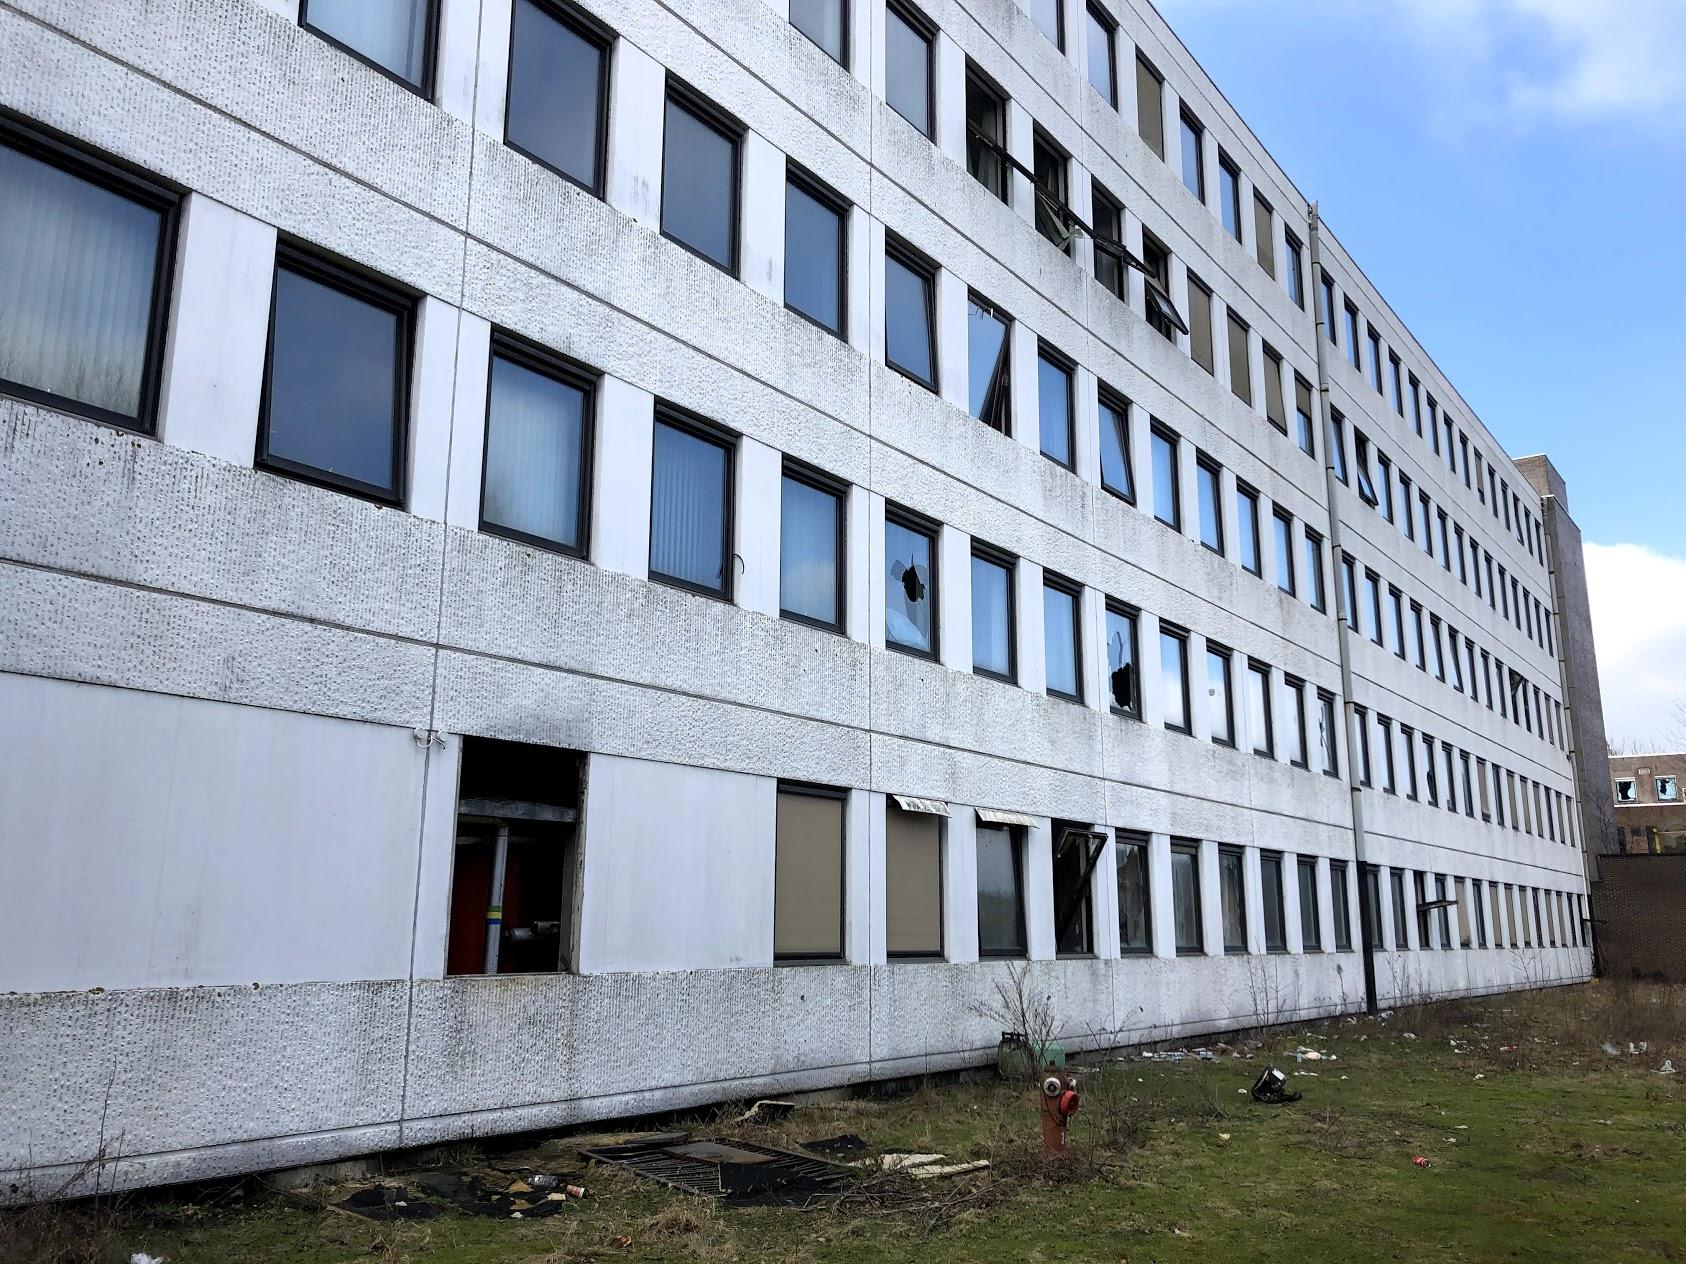 Des bâtiments squattés et vandalisés deviennent une décharge publique.